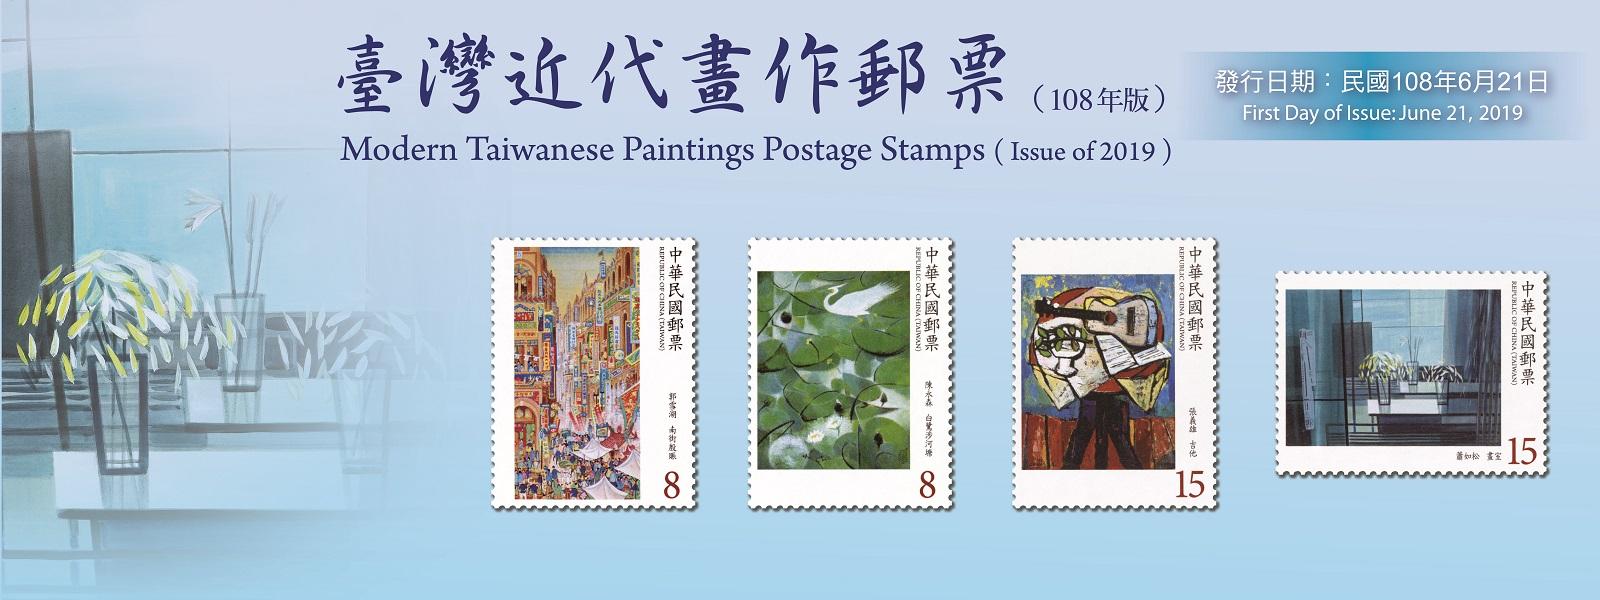 廣告連結:特 678 臺灣近代畫作郵票(108年版)(另開視窗)